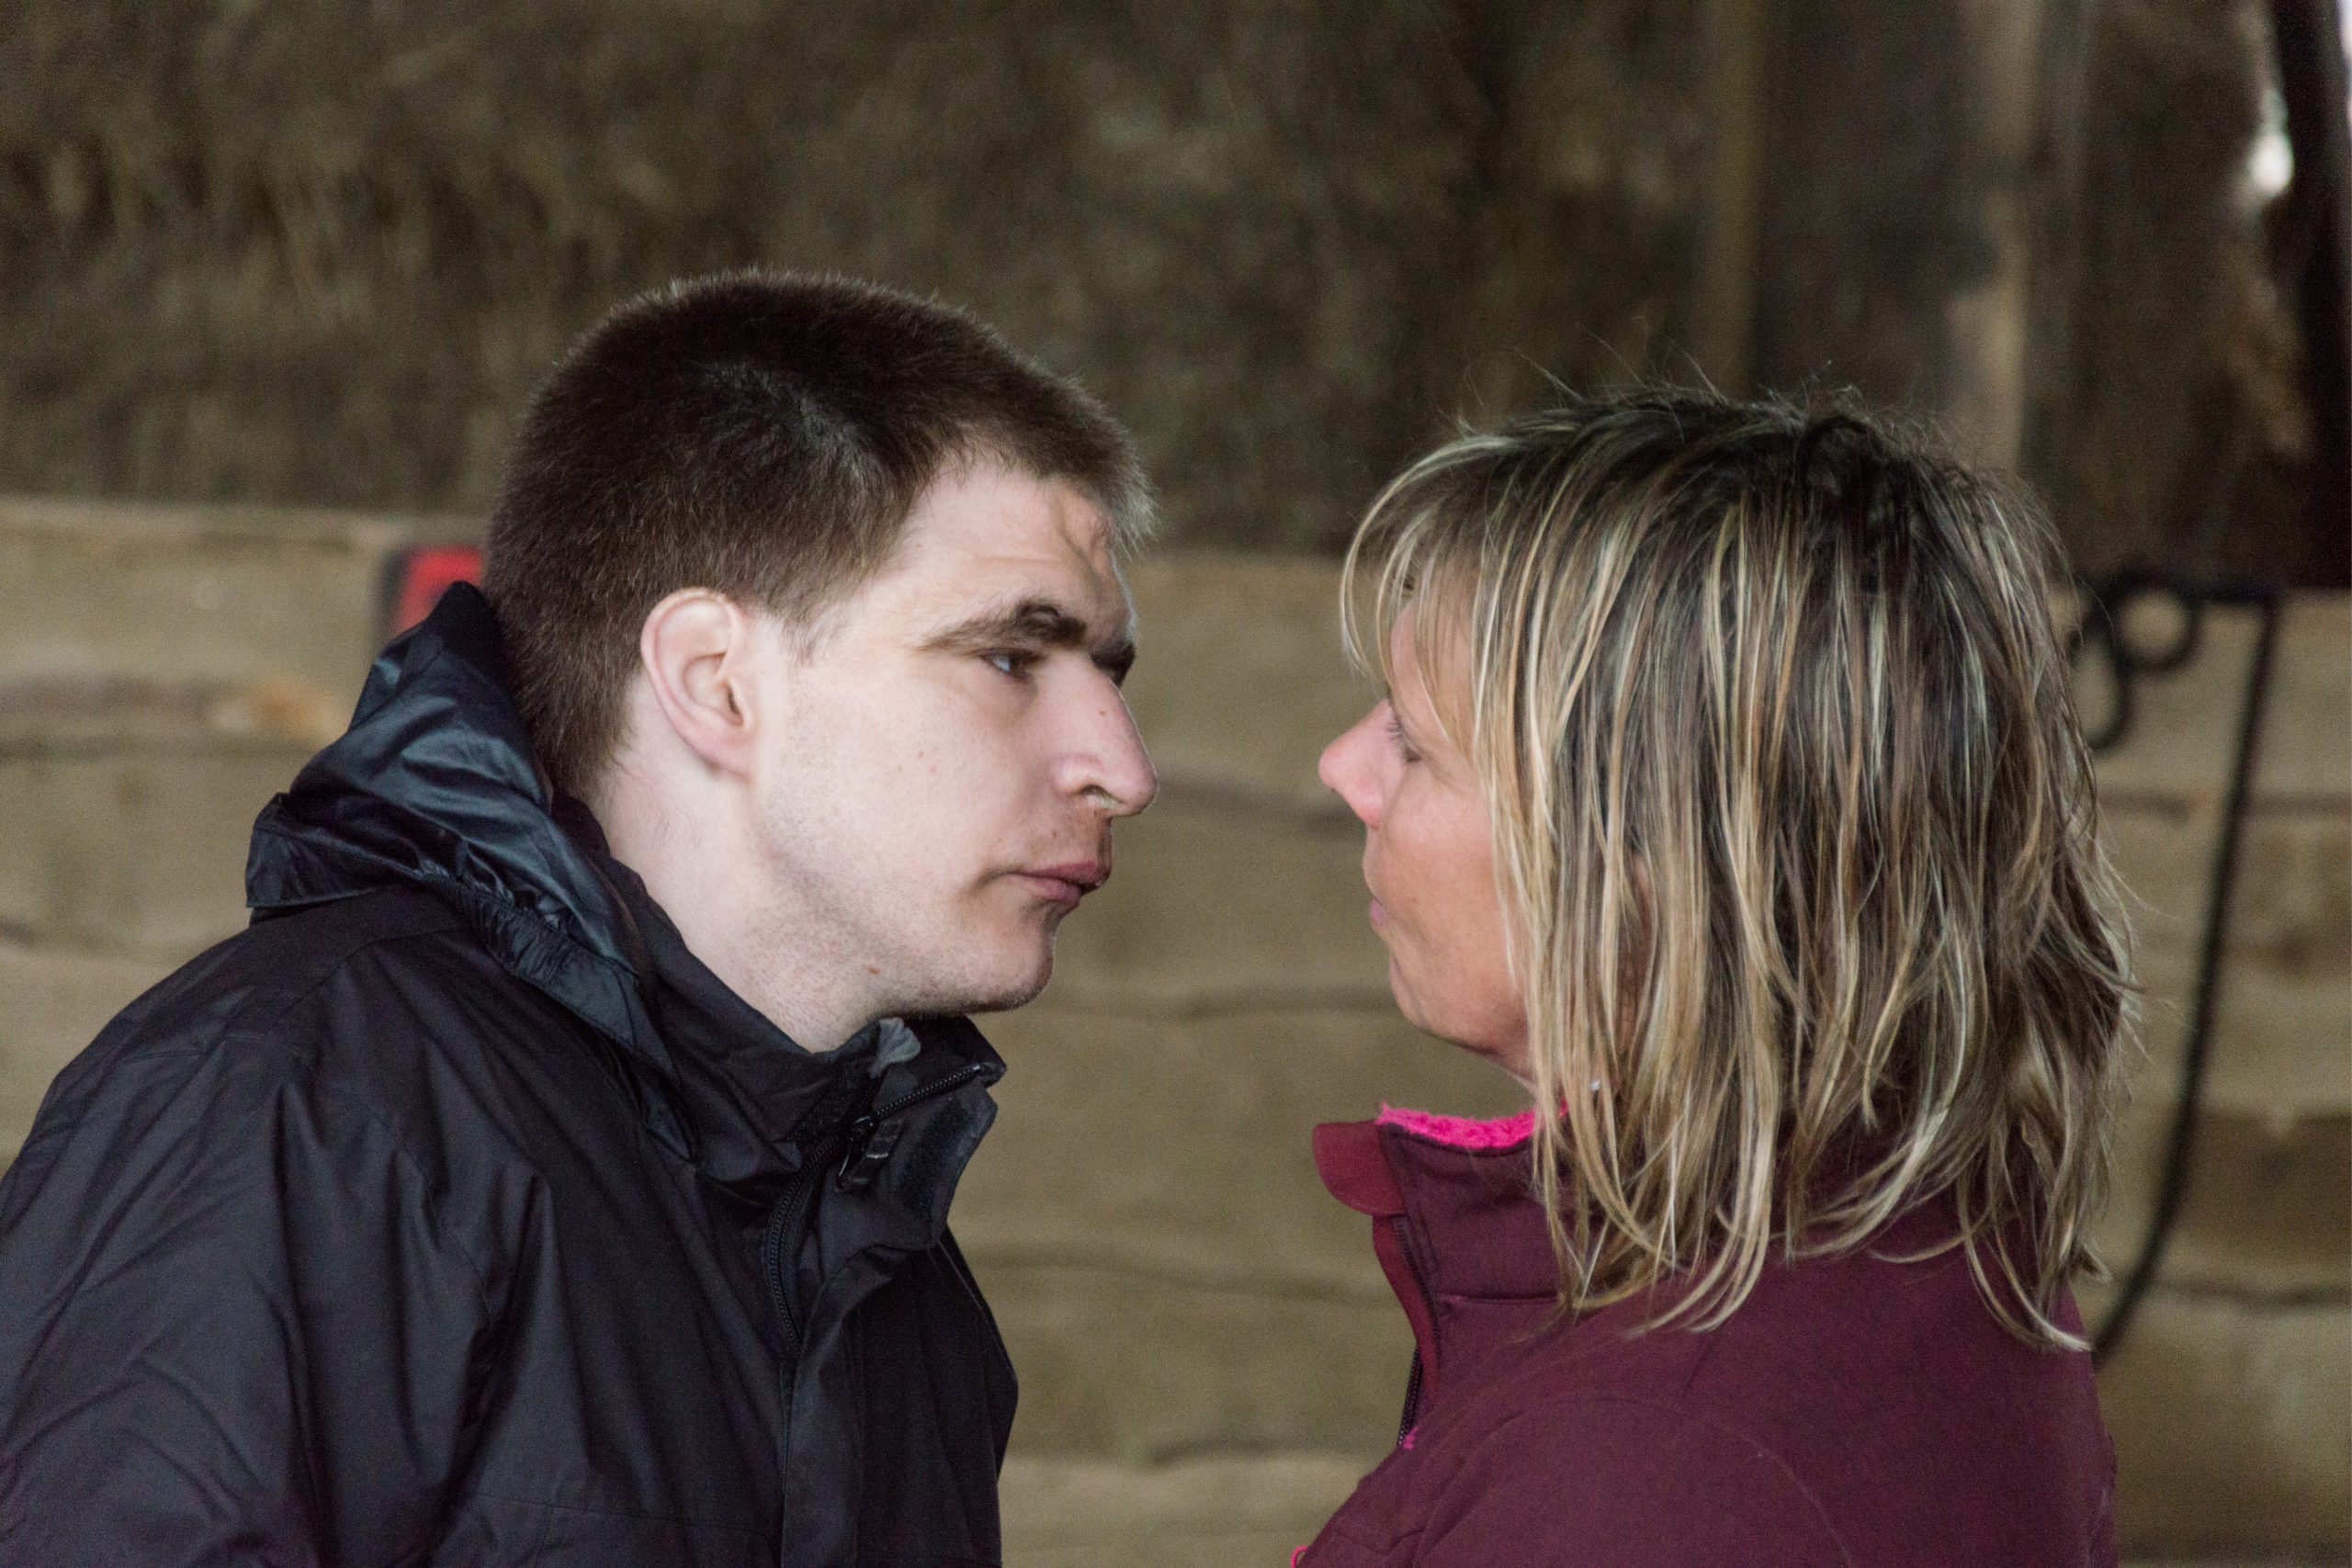 Un homme handicapé en manteau noir et une dame en manteau de couleur aubergine se regardant droit dans les yeux